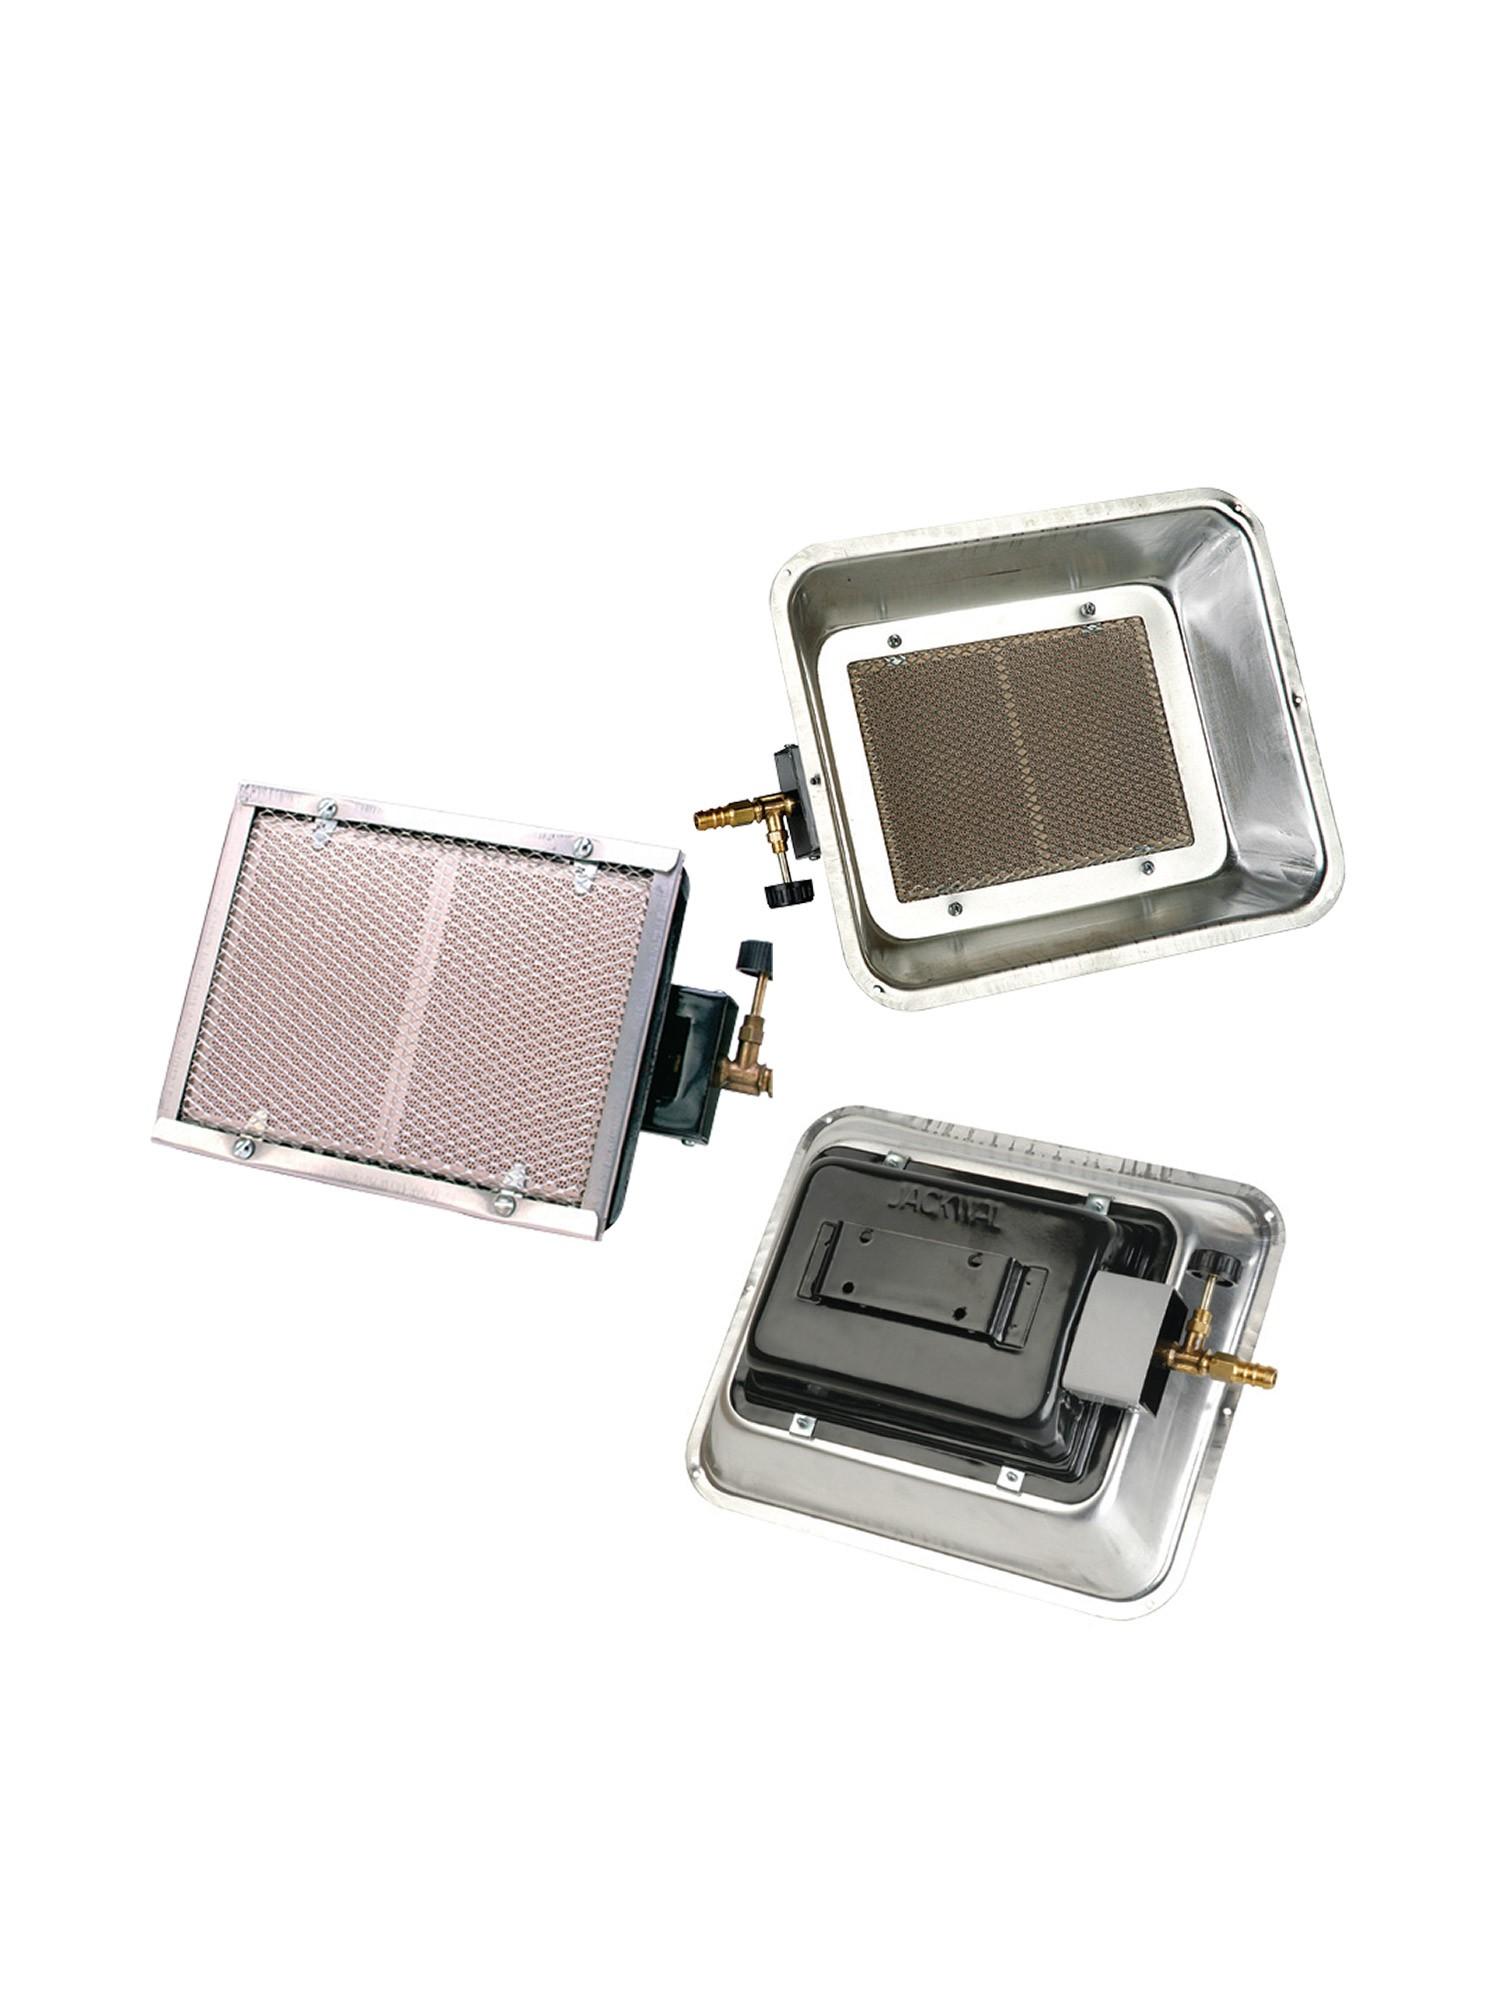 Queimador Infravermelho 2850 kcal/h sem instalação com Refletor - Jackwal